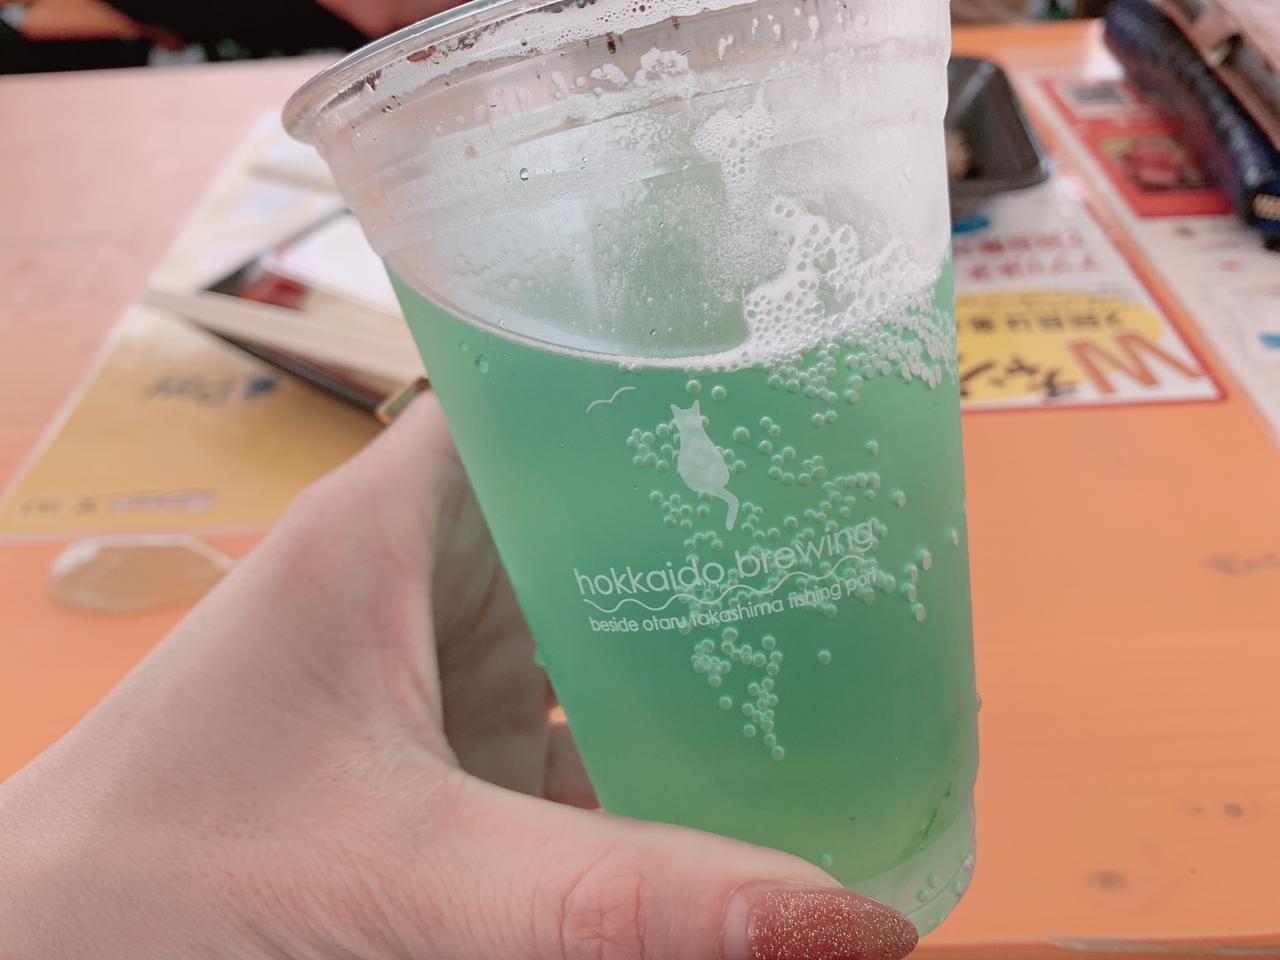 画像: hokkaido brewing